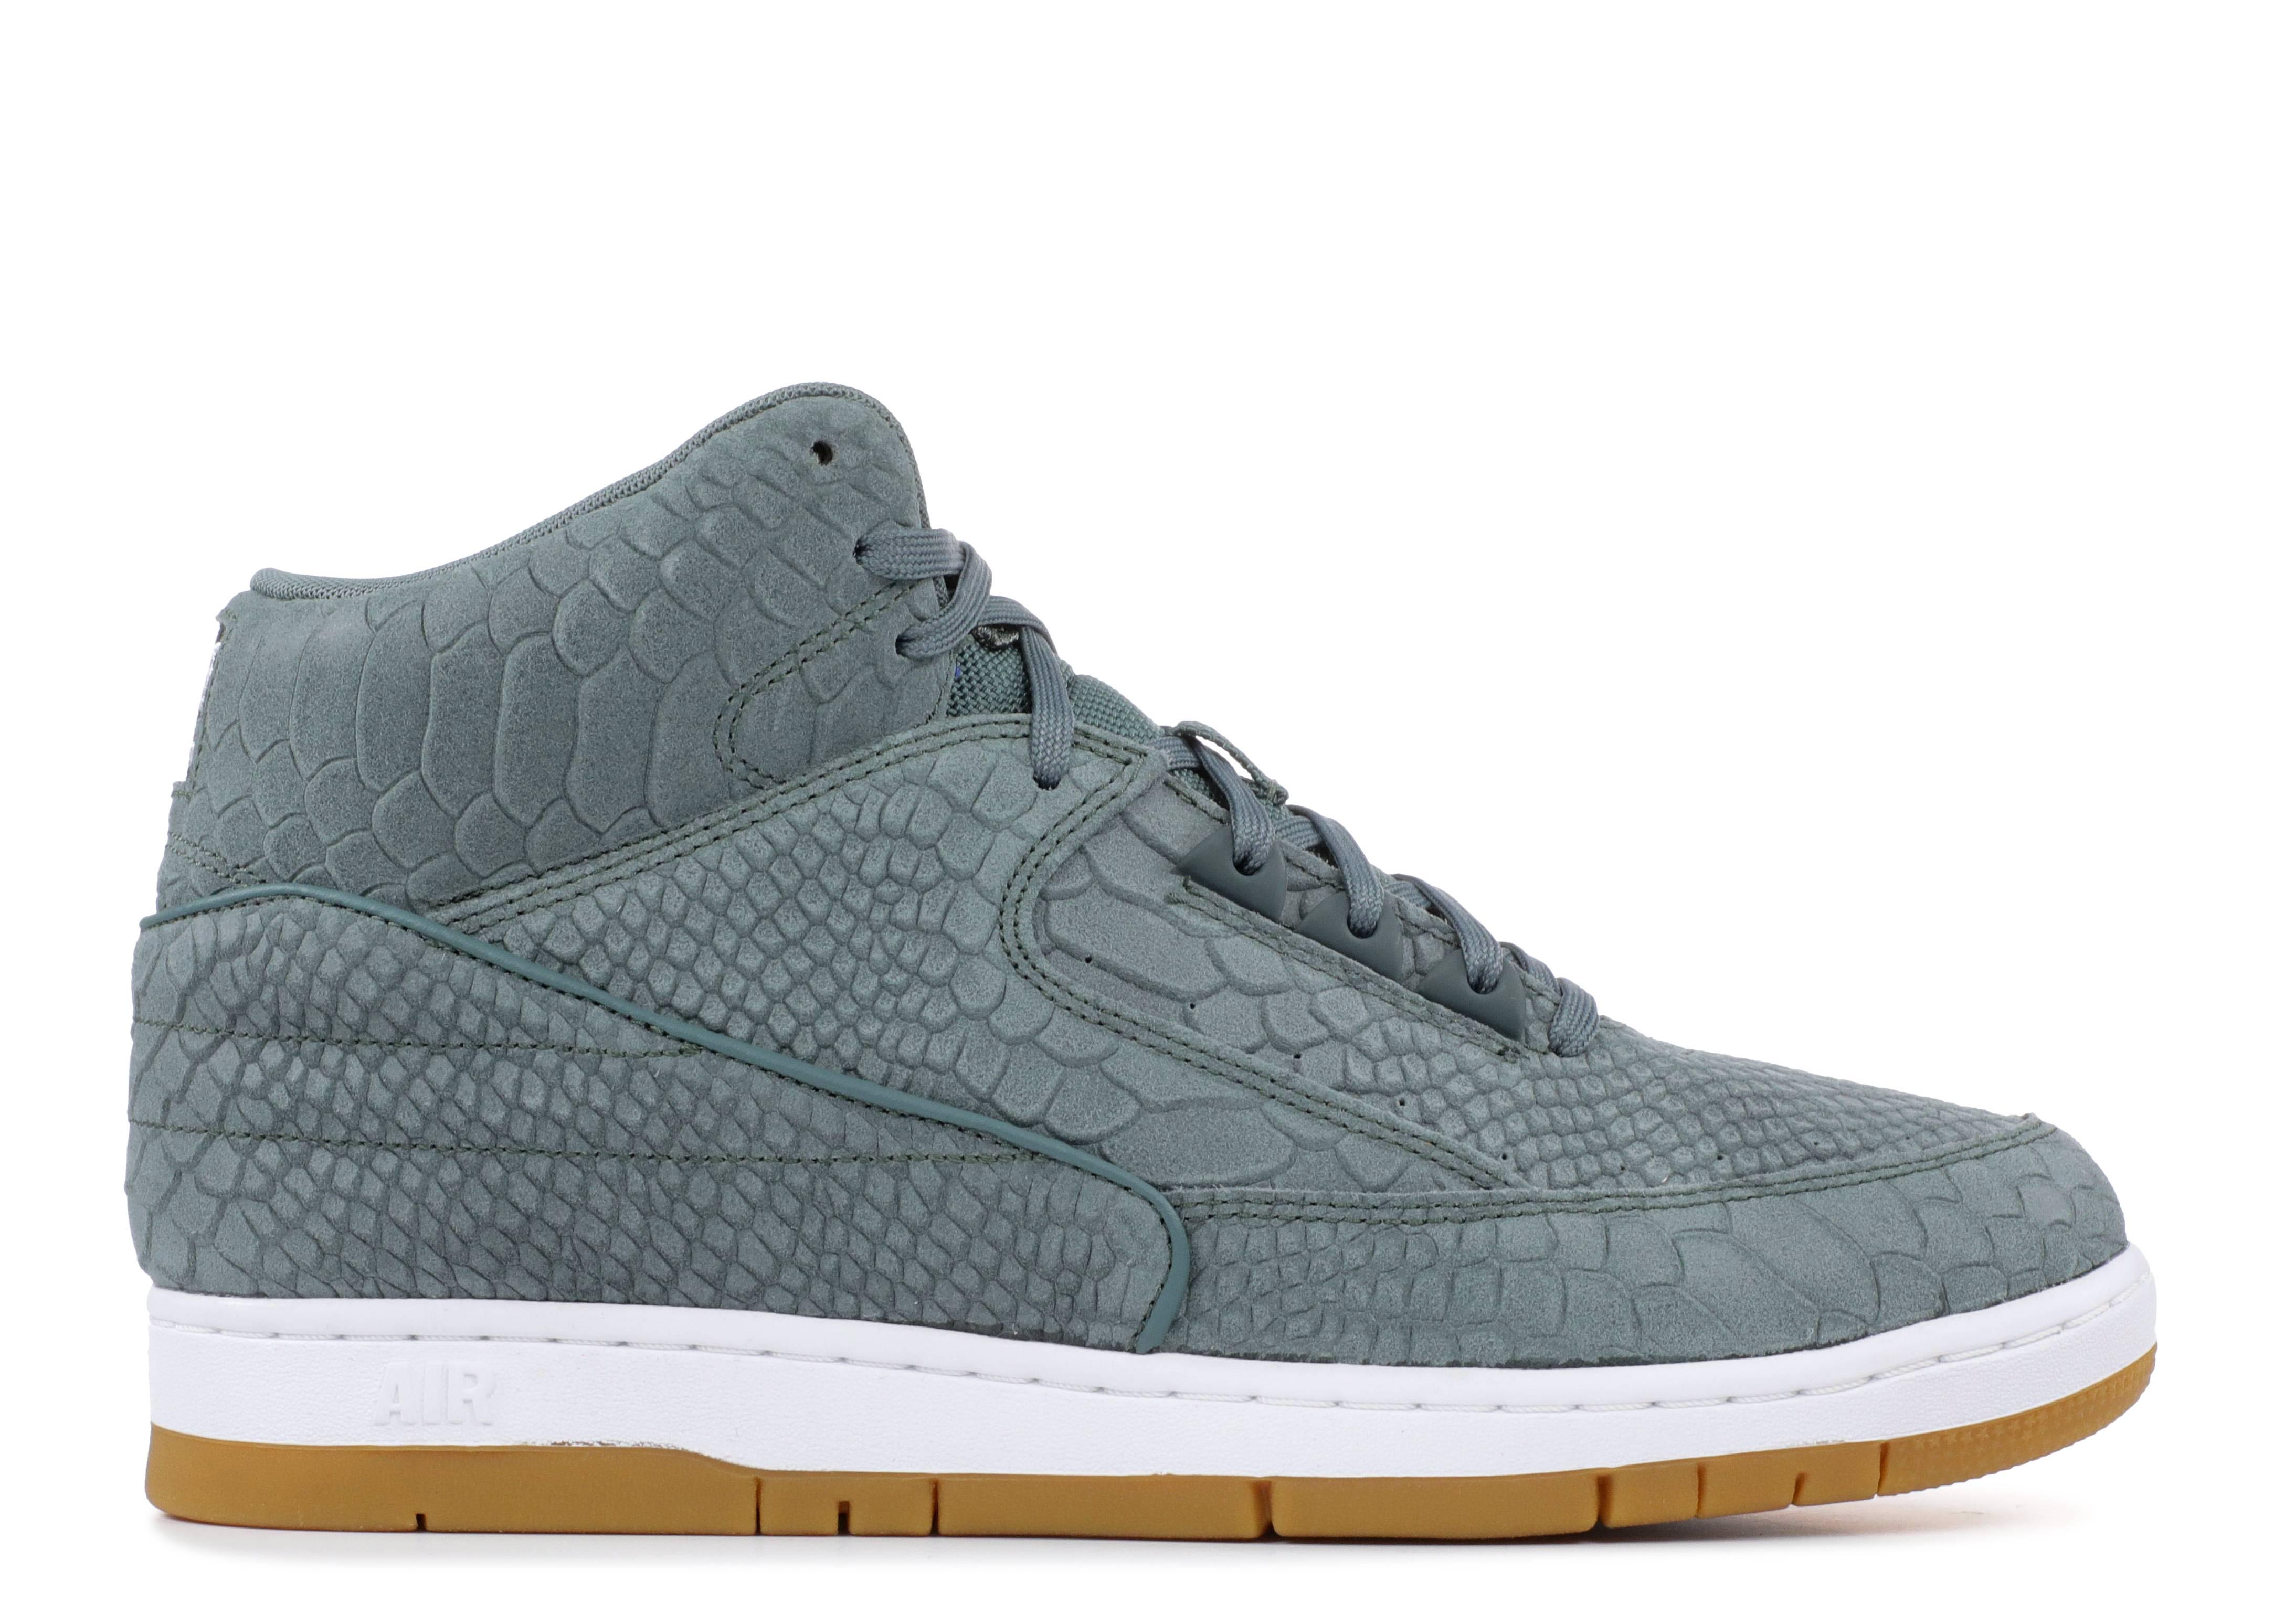 low priced bbf09 01b20 Nike Air Python Prm